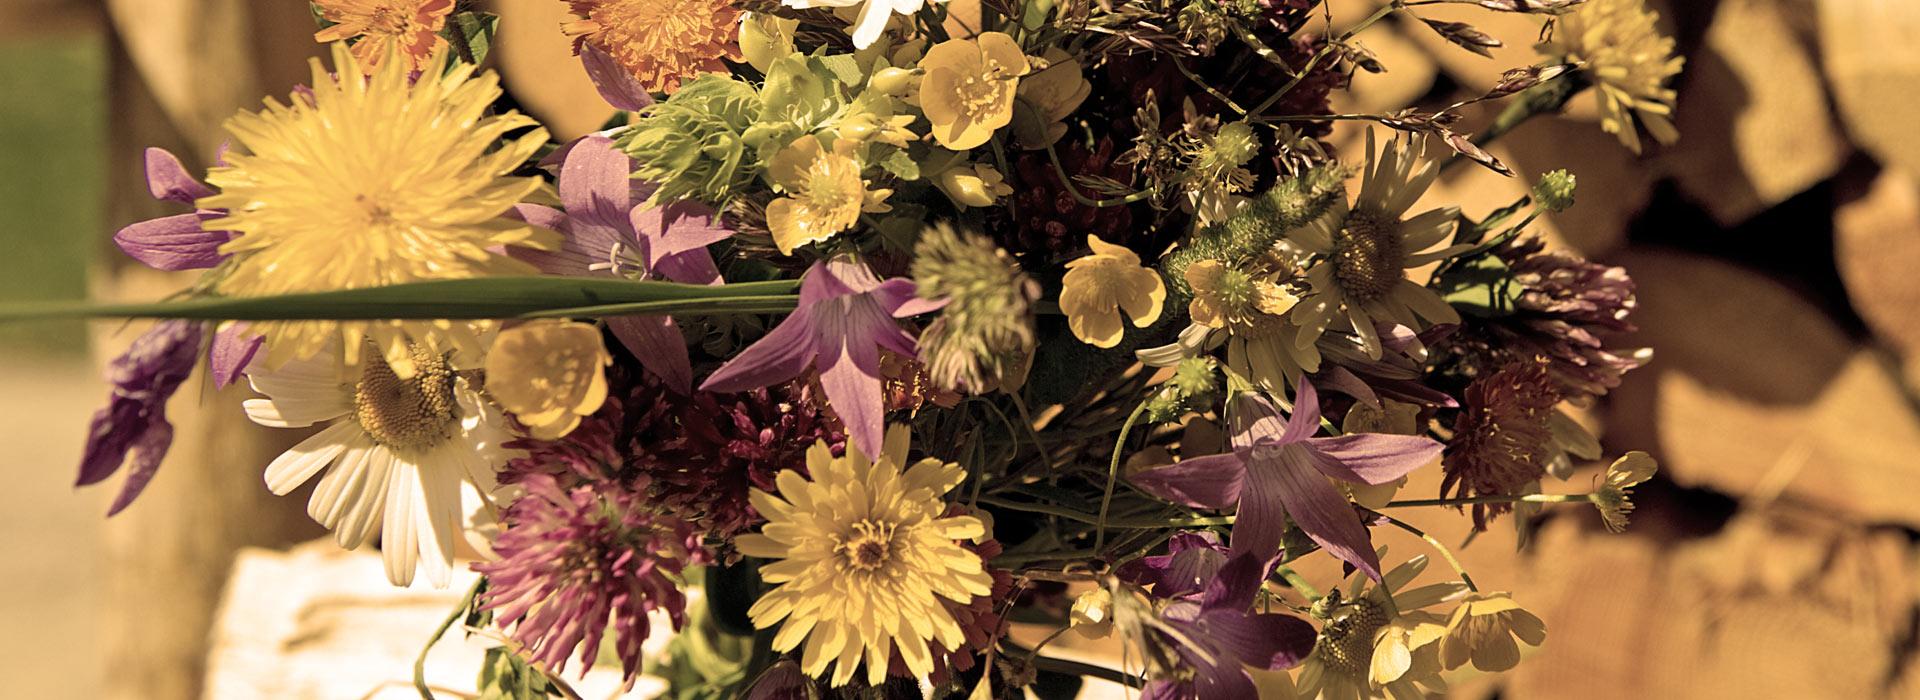 Alm-fiori